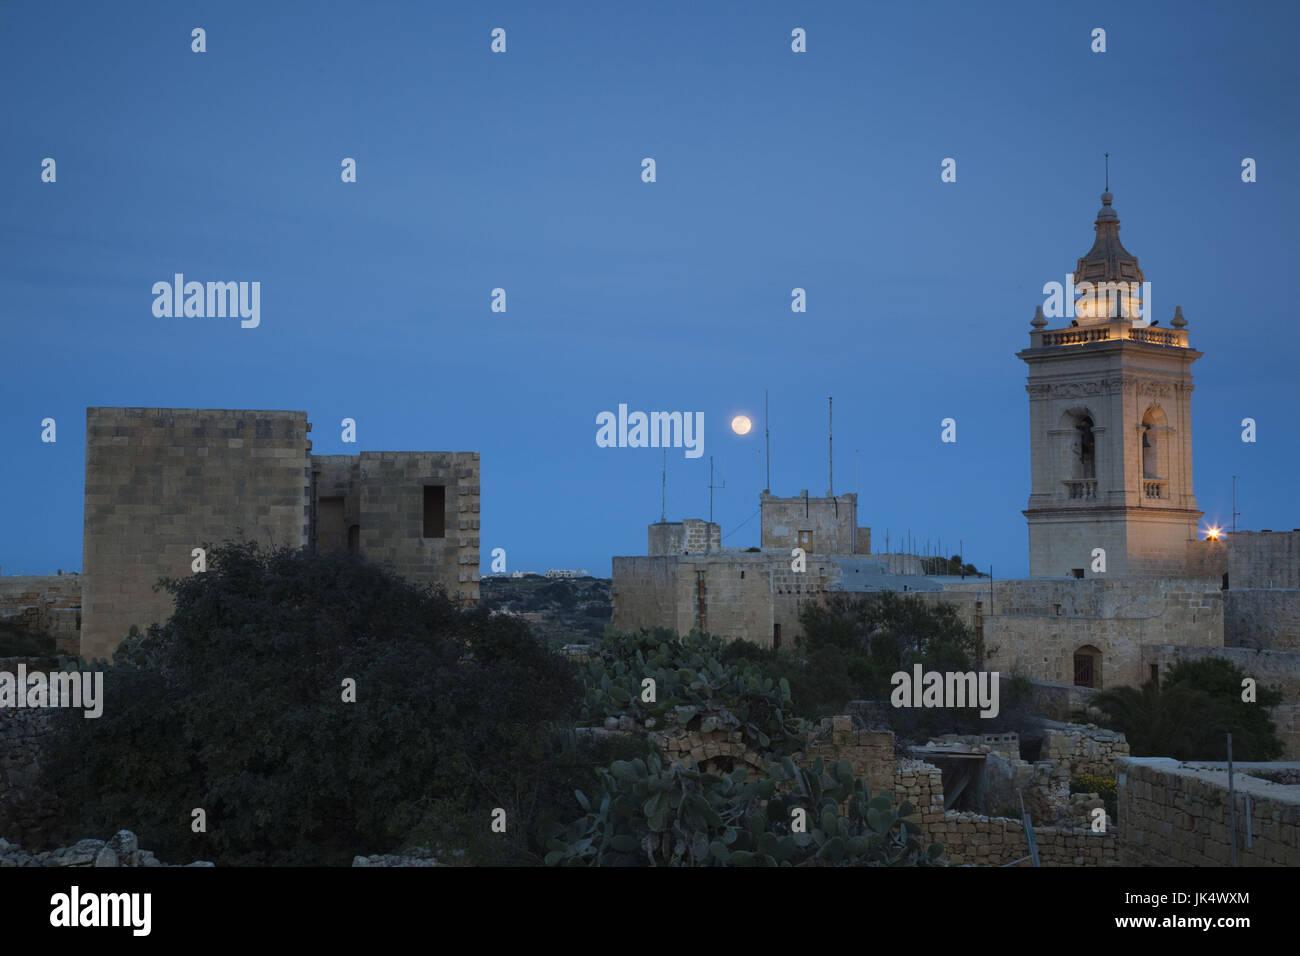 Malta, Insel Gozo, Victoria-Rabat, Il-Kastell Burg, Turm der Kathedrale der Annahme und der Mondaufgang Stockbild